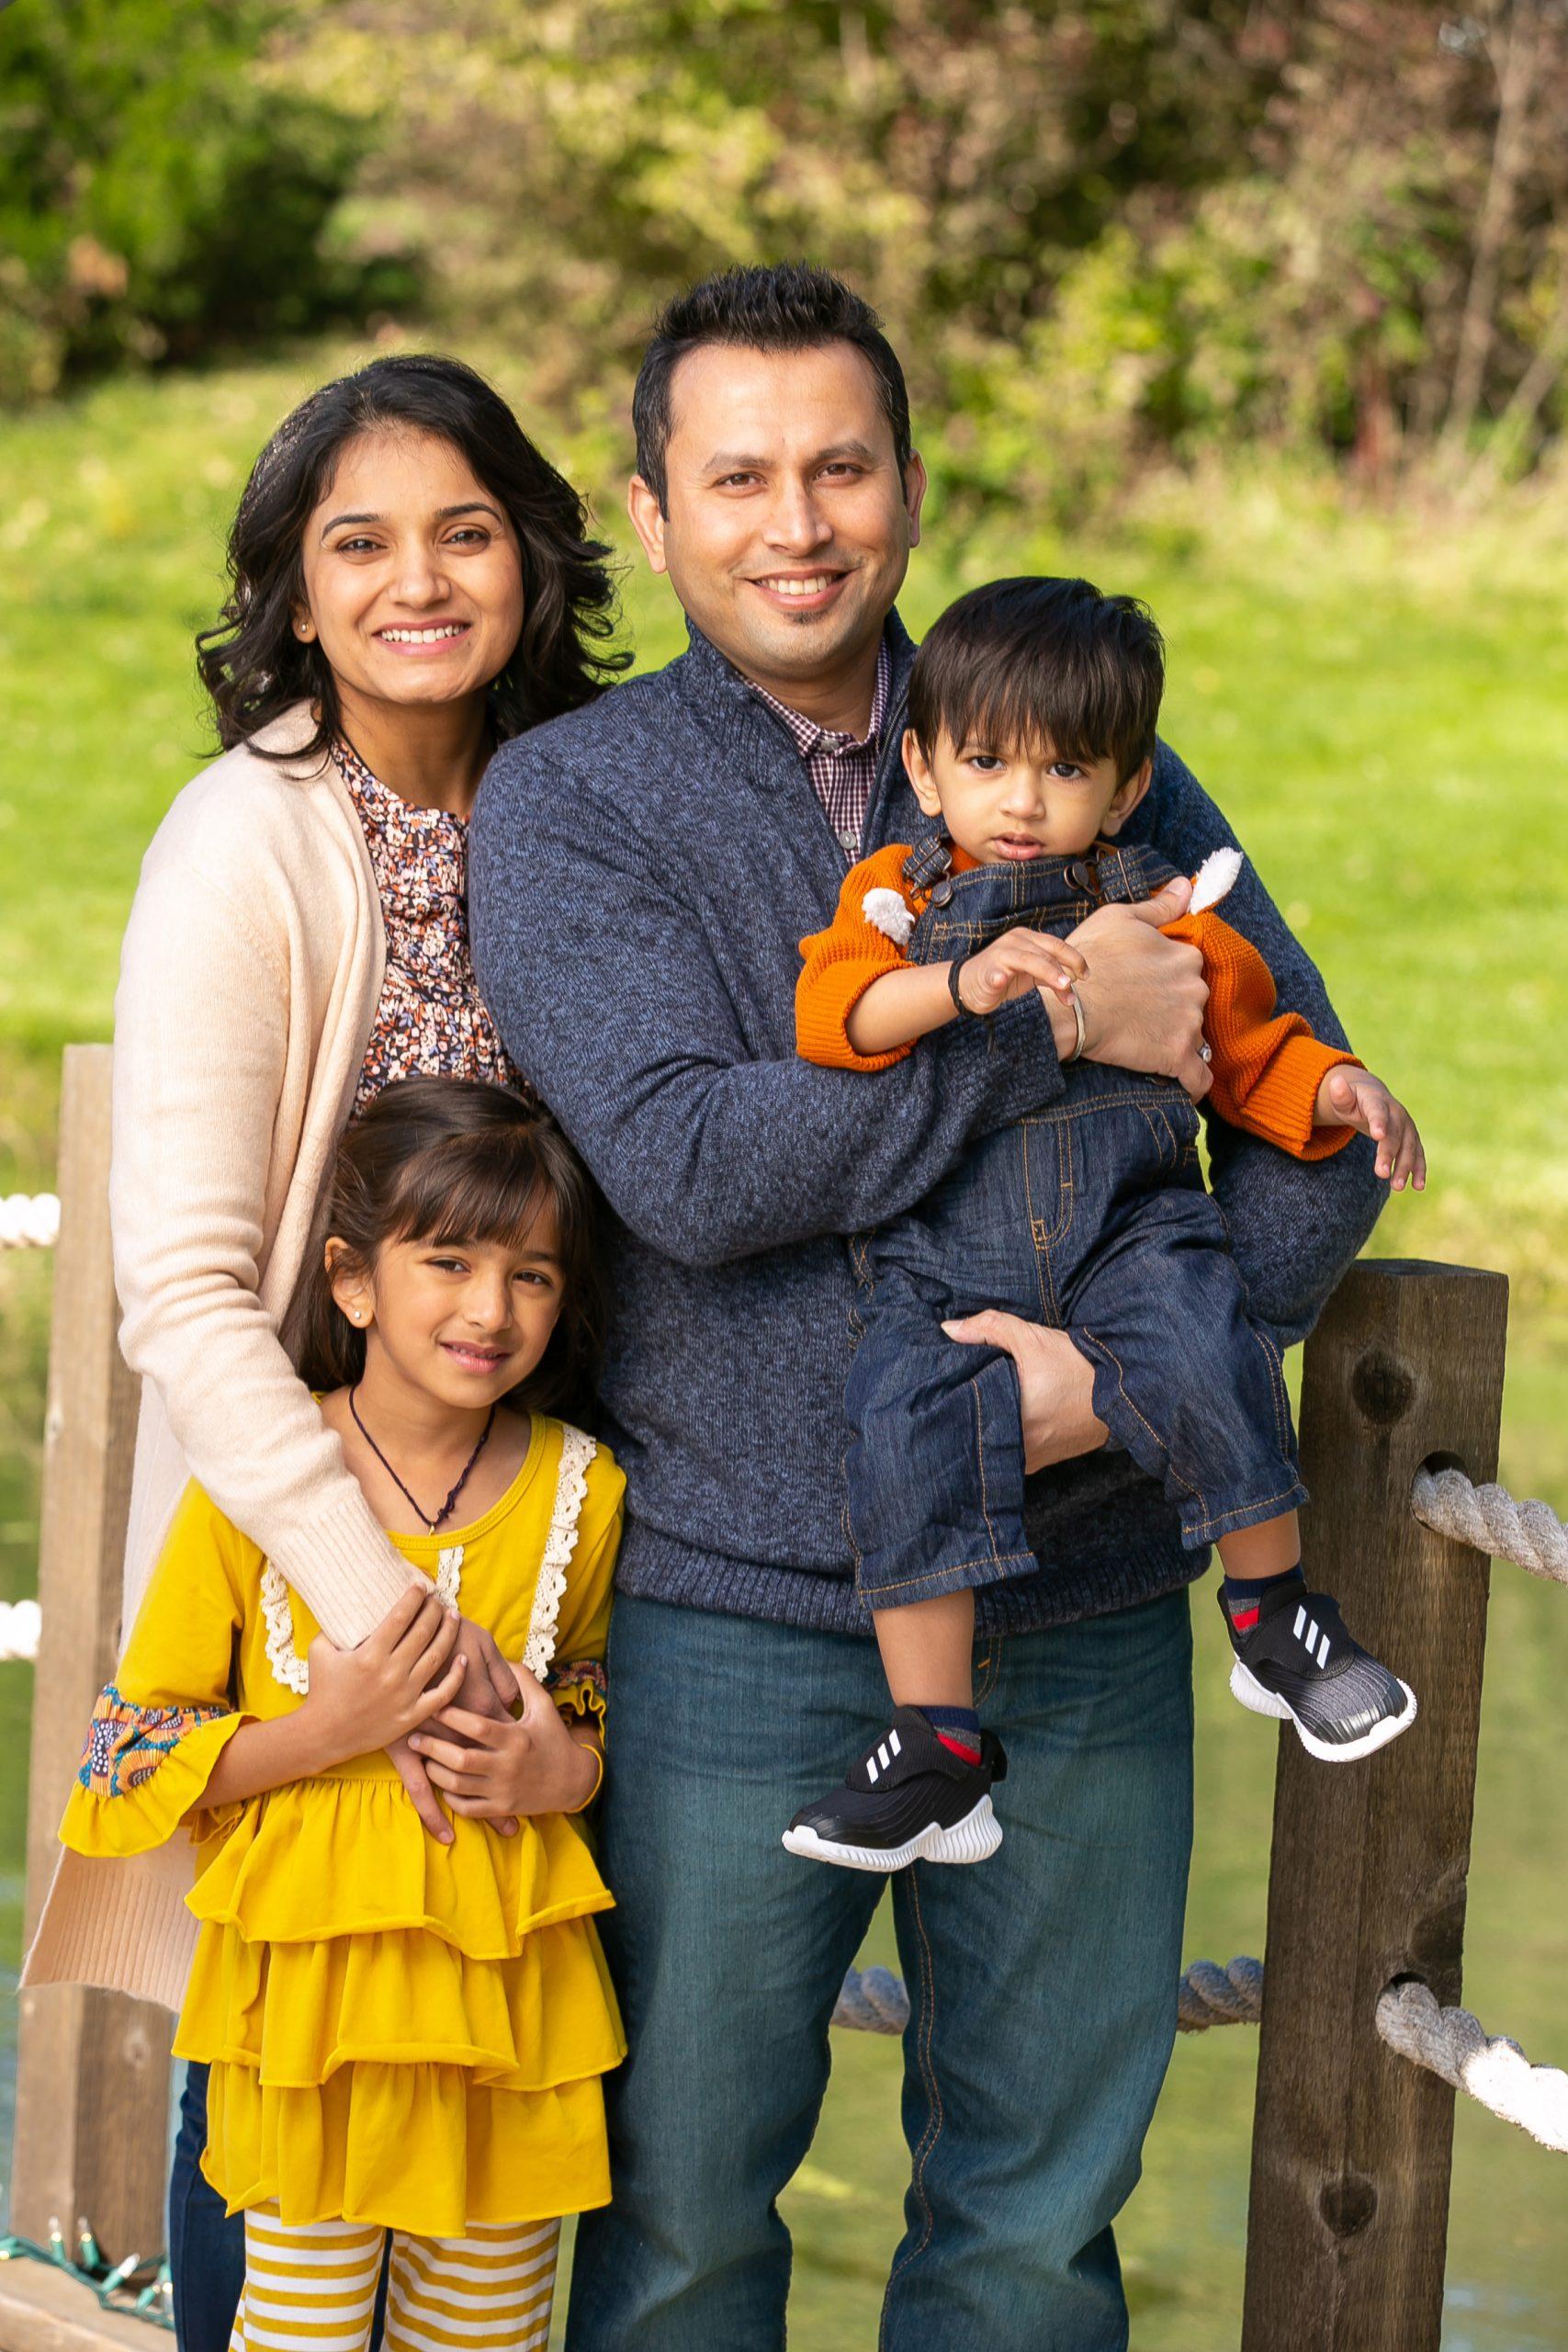 db Fotografy - Dharmesh Family Photographer